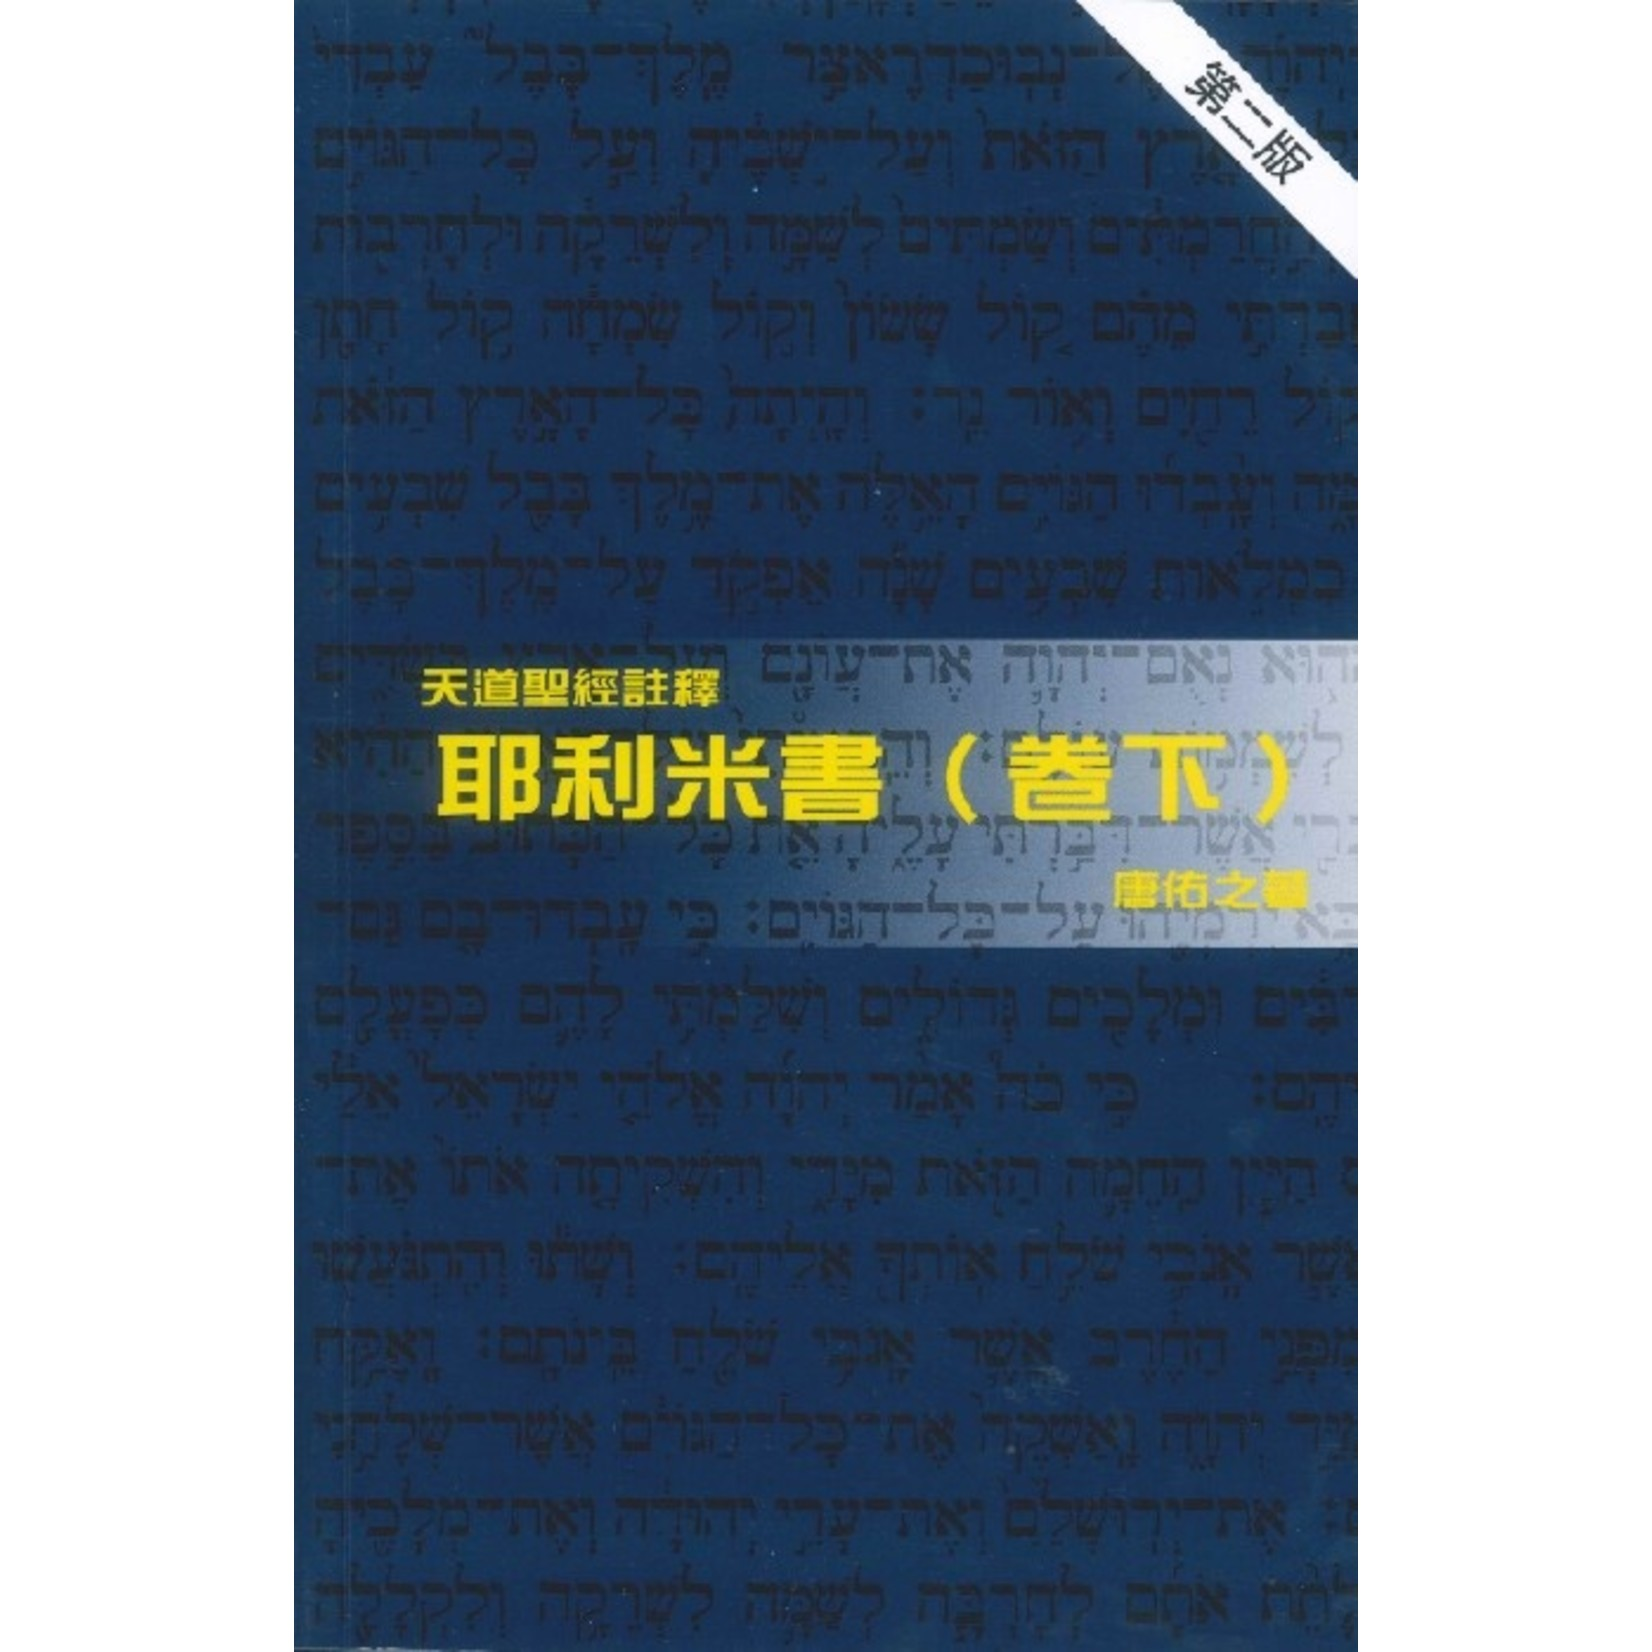 天道書樓 Tien Dao Publishing House 天道聖經註釋:耶利米書(卷下)